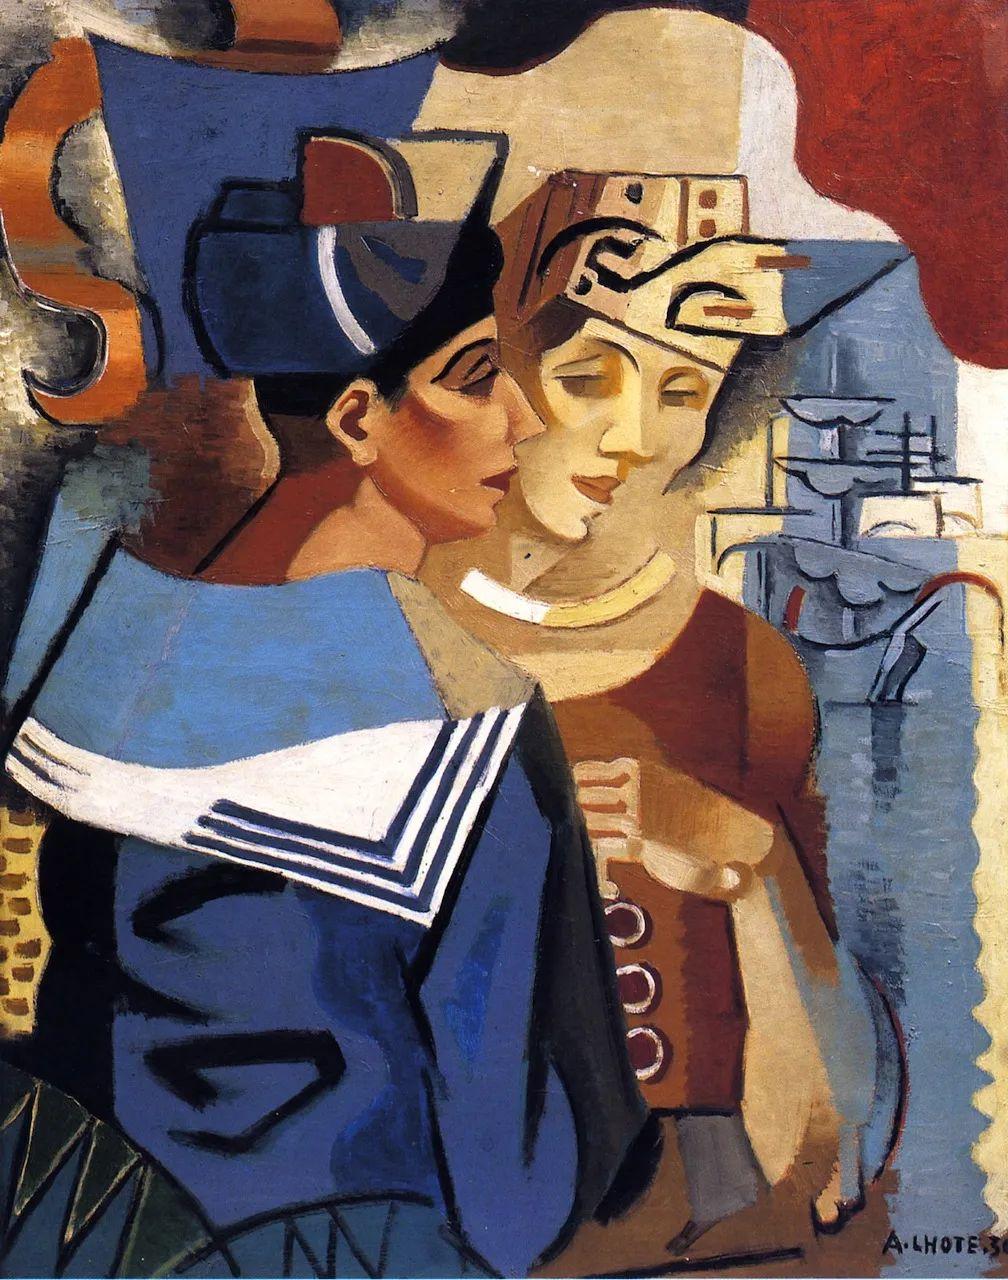 立体派,法国画家安德烈·洛特插图91